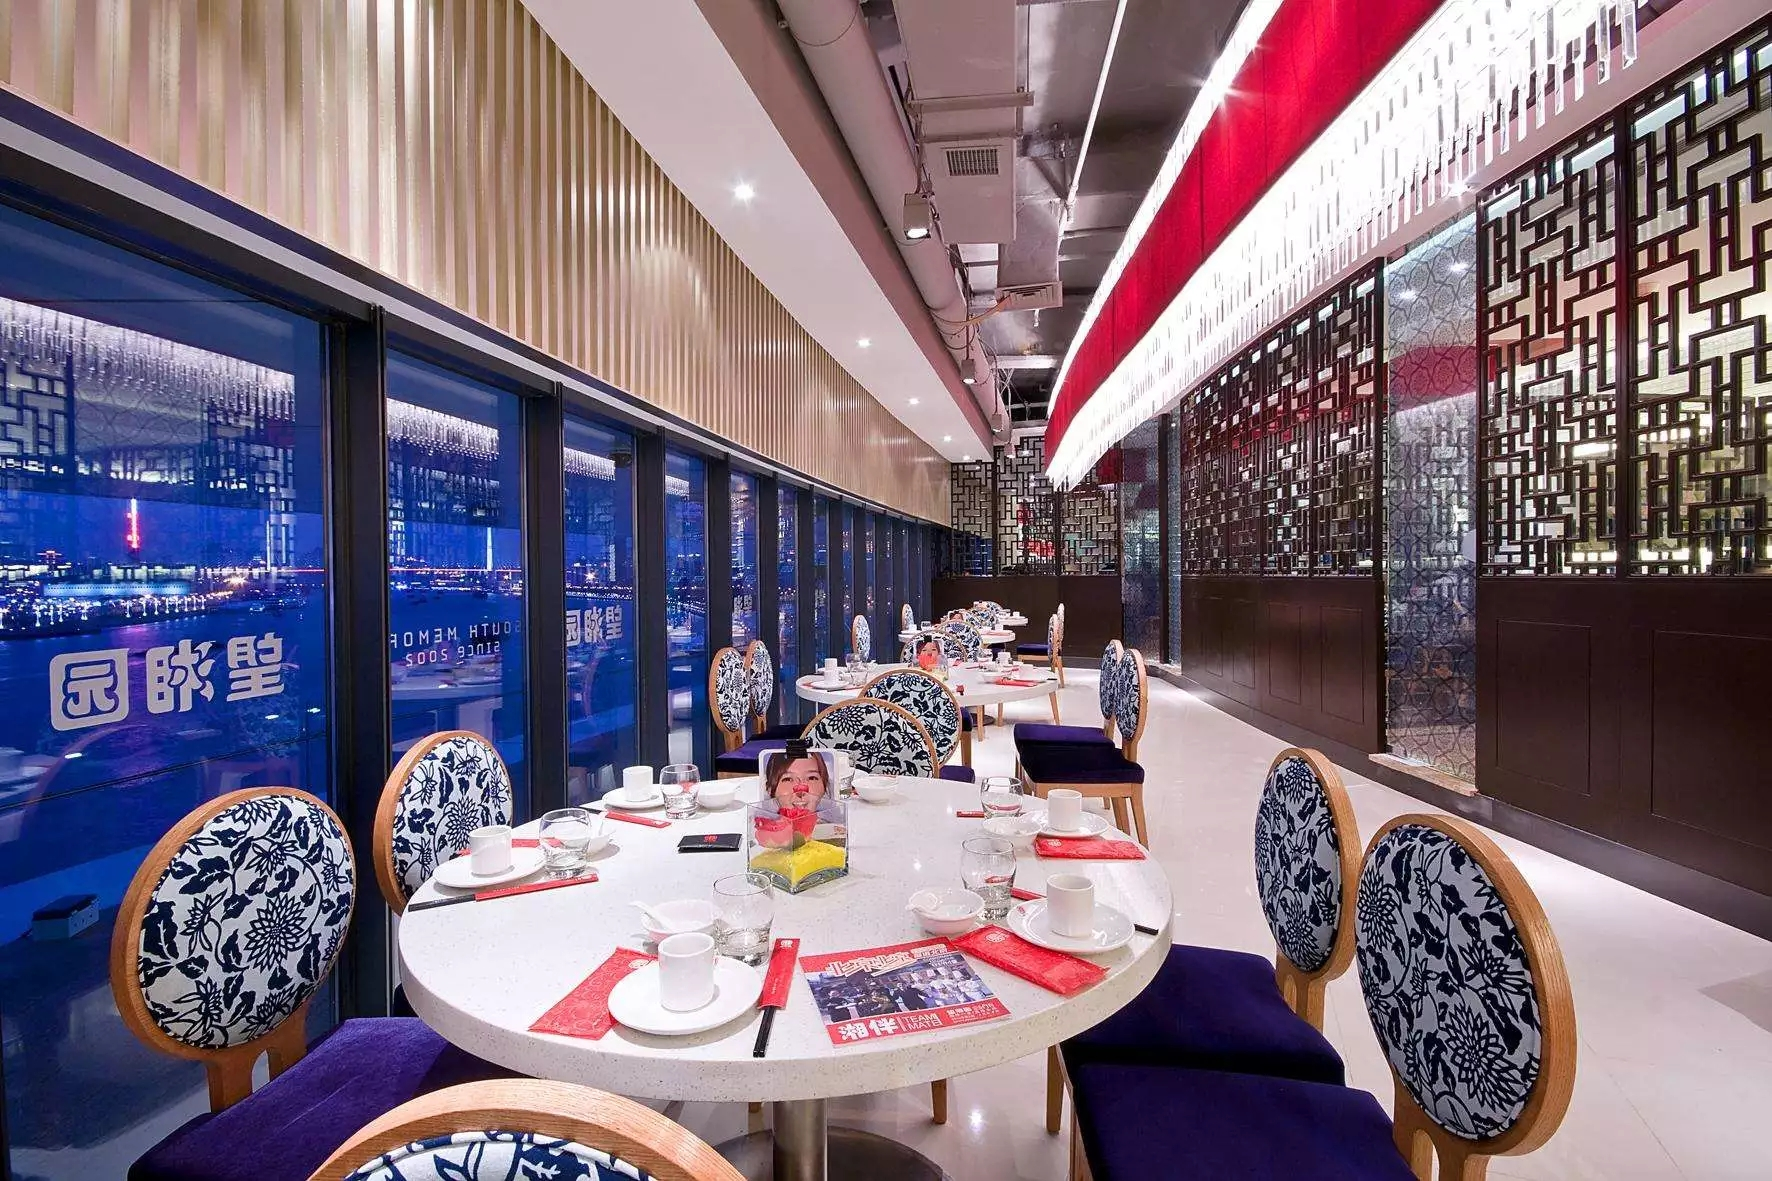 开一家小成本餐厅必看的4要点5忠告!